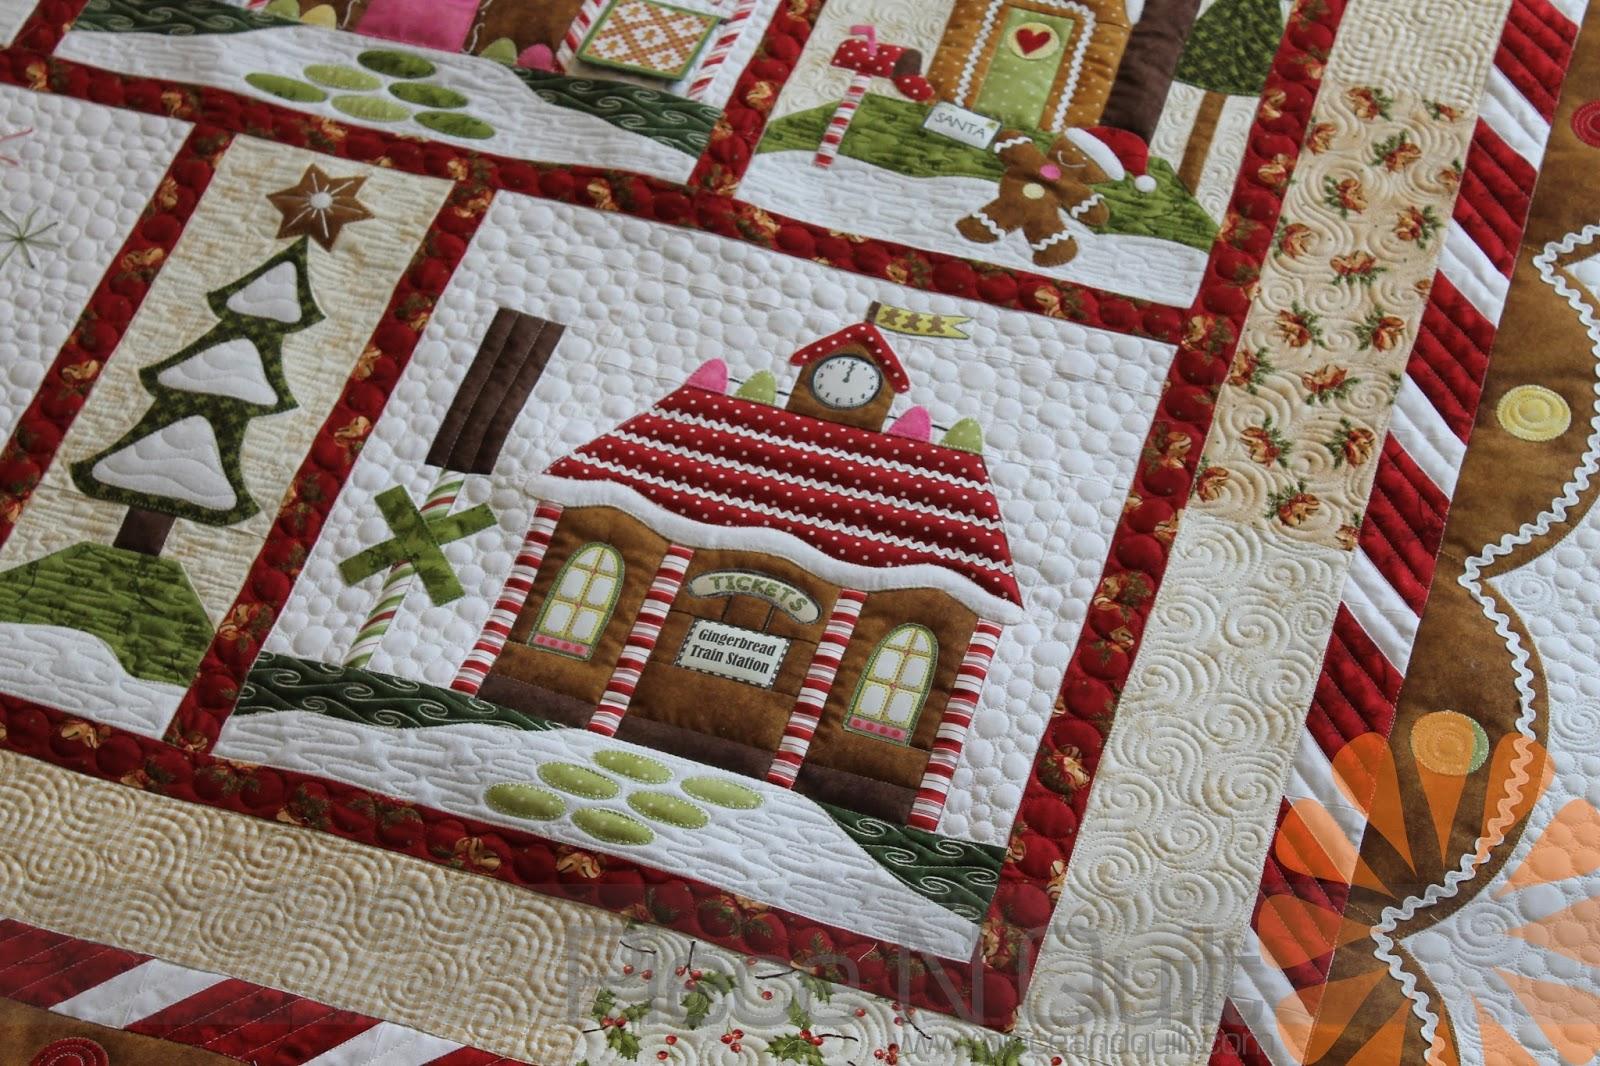 Piece N Quilt: Gingerbread Village Quilt - Custom Machine Quilting ... : village quilts - Adamdwight.com